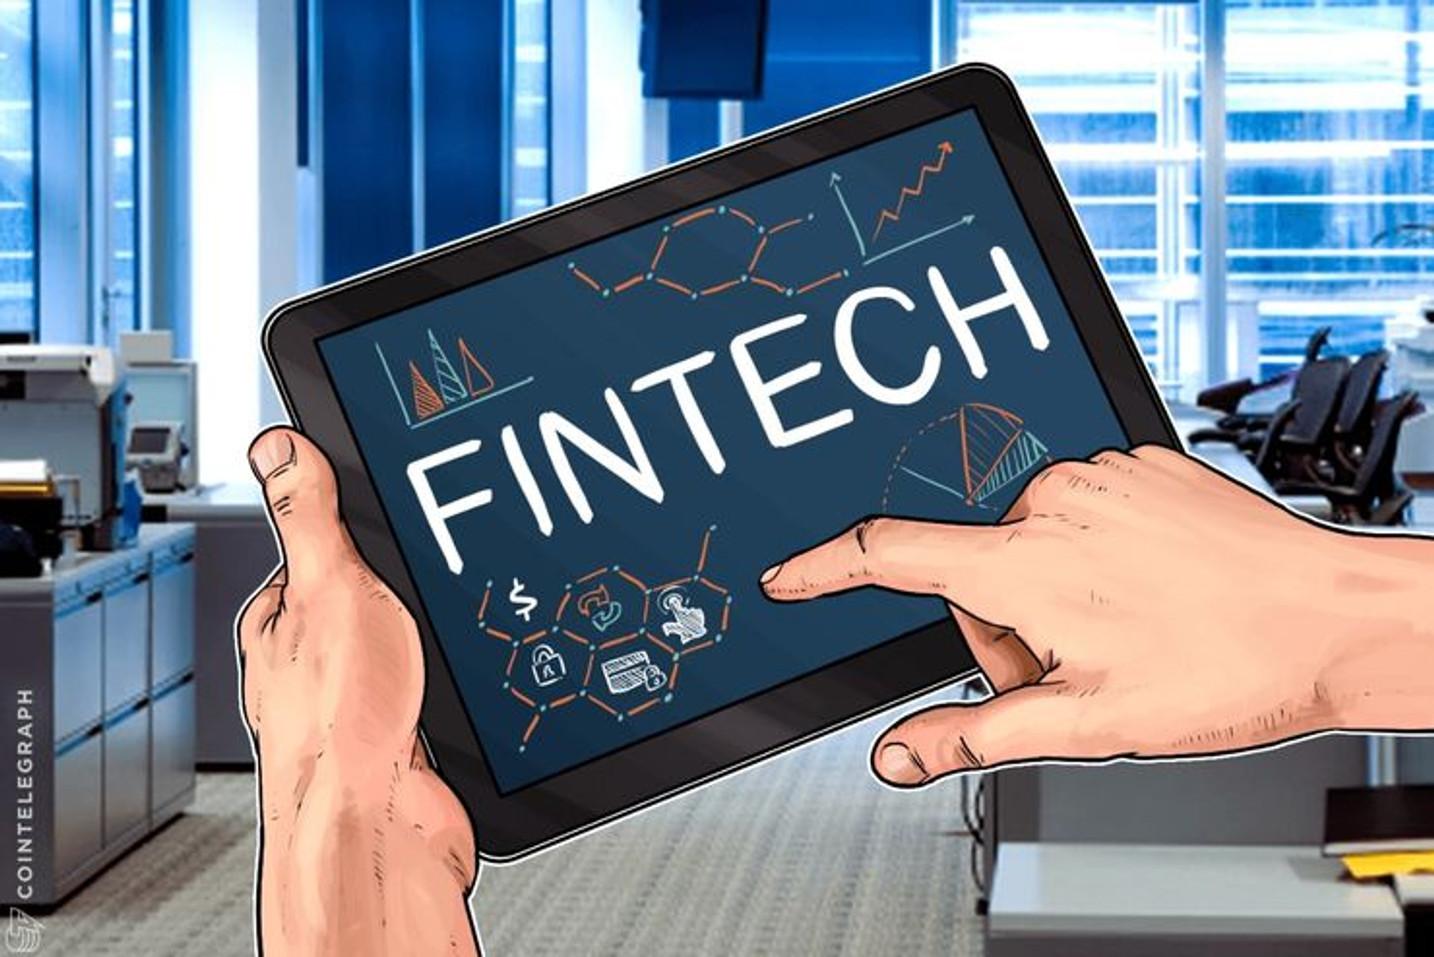 El número de startups Fintech creció un 26% en un año en Colombia